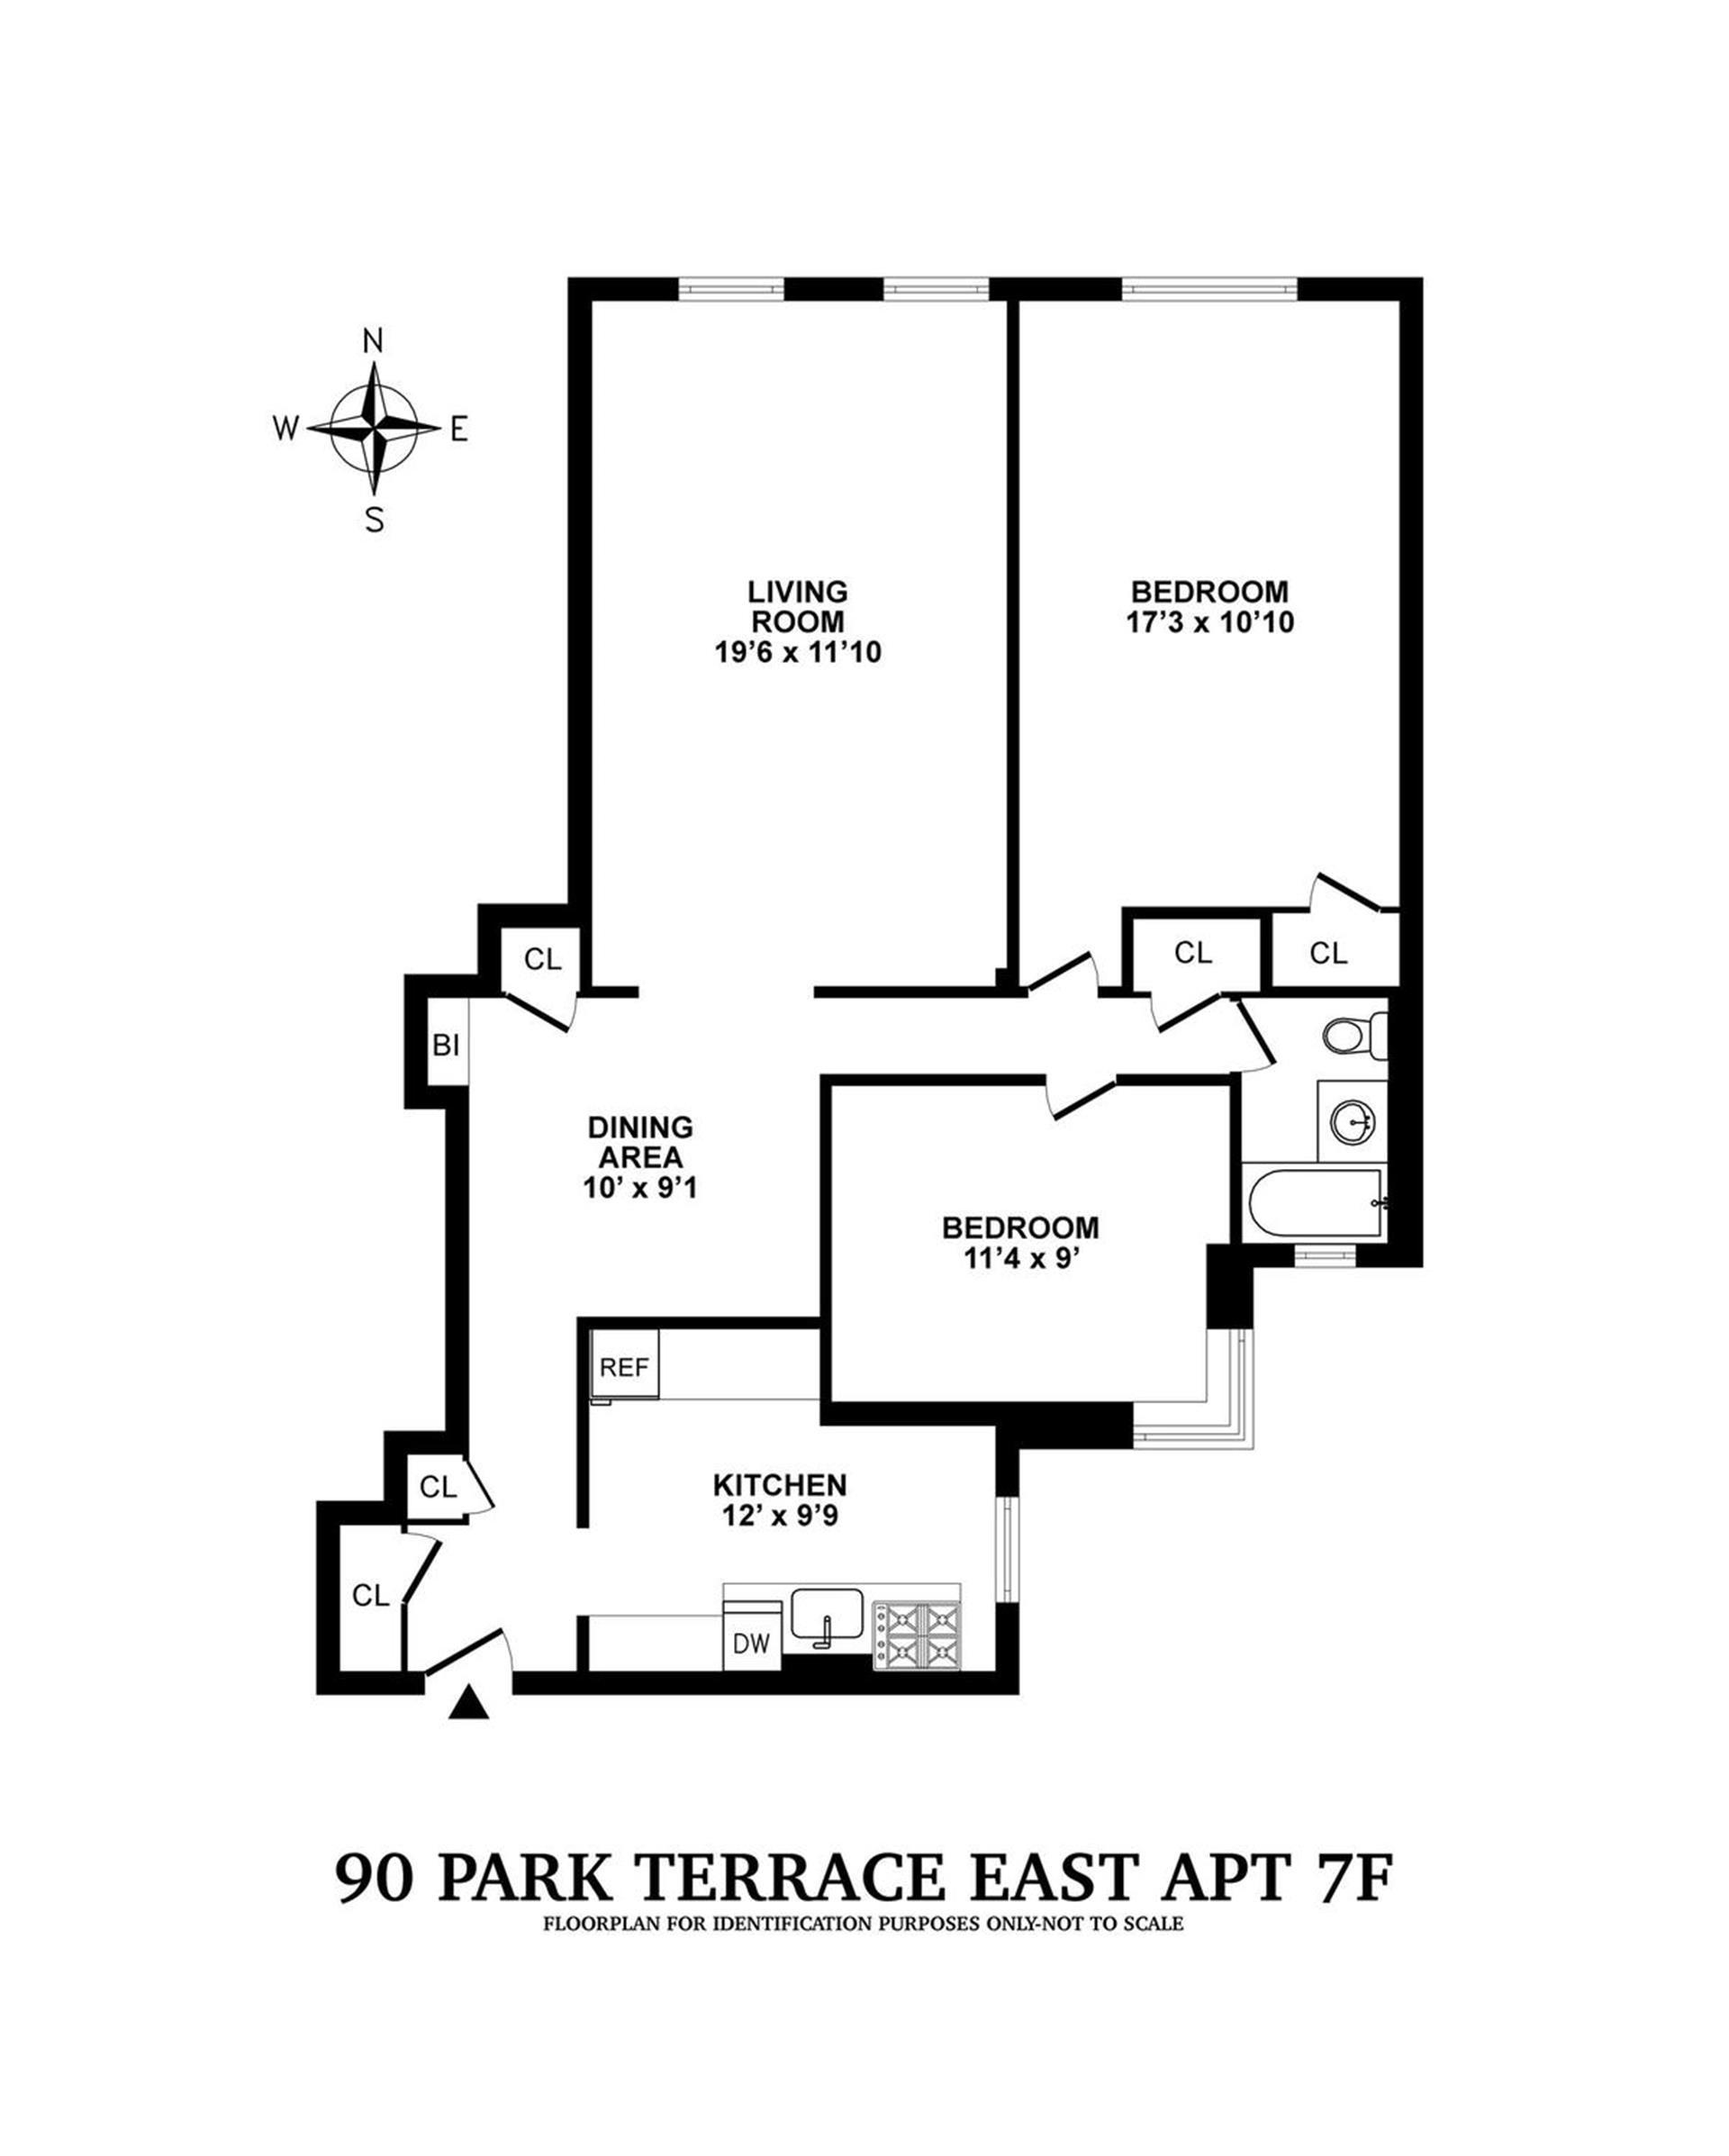 90 Park Terrace East Inwood New York NY 10034